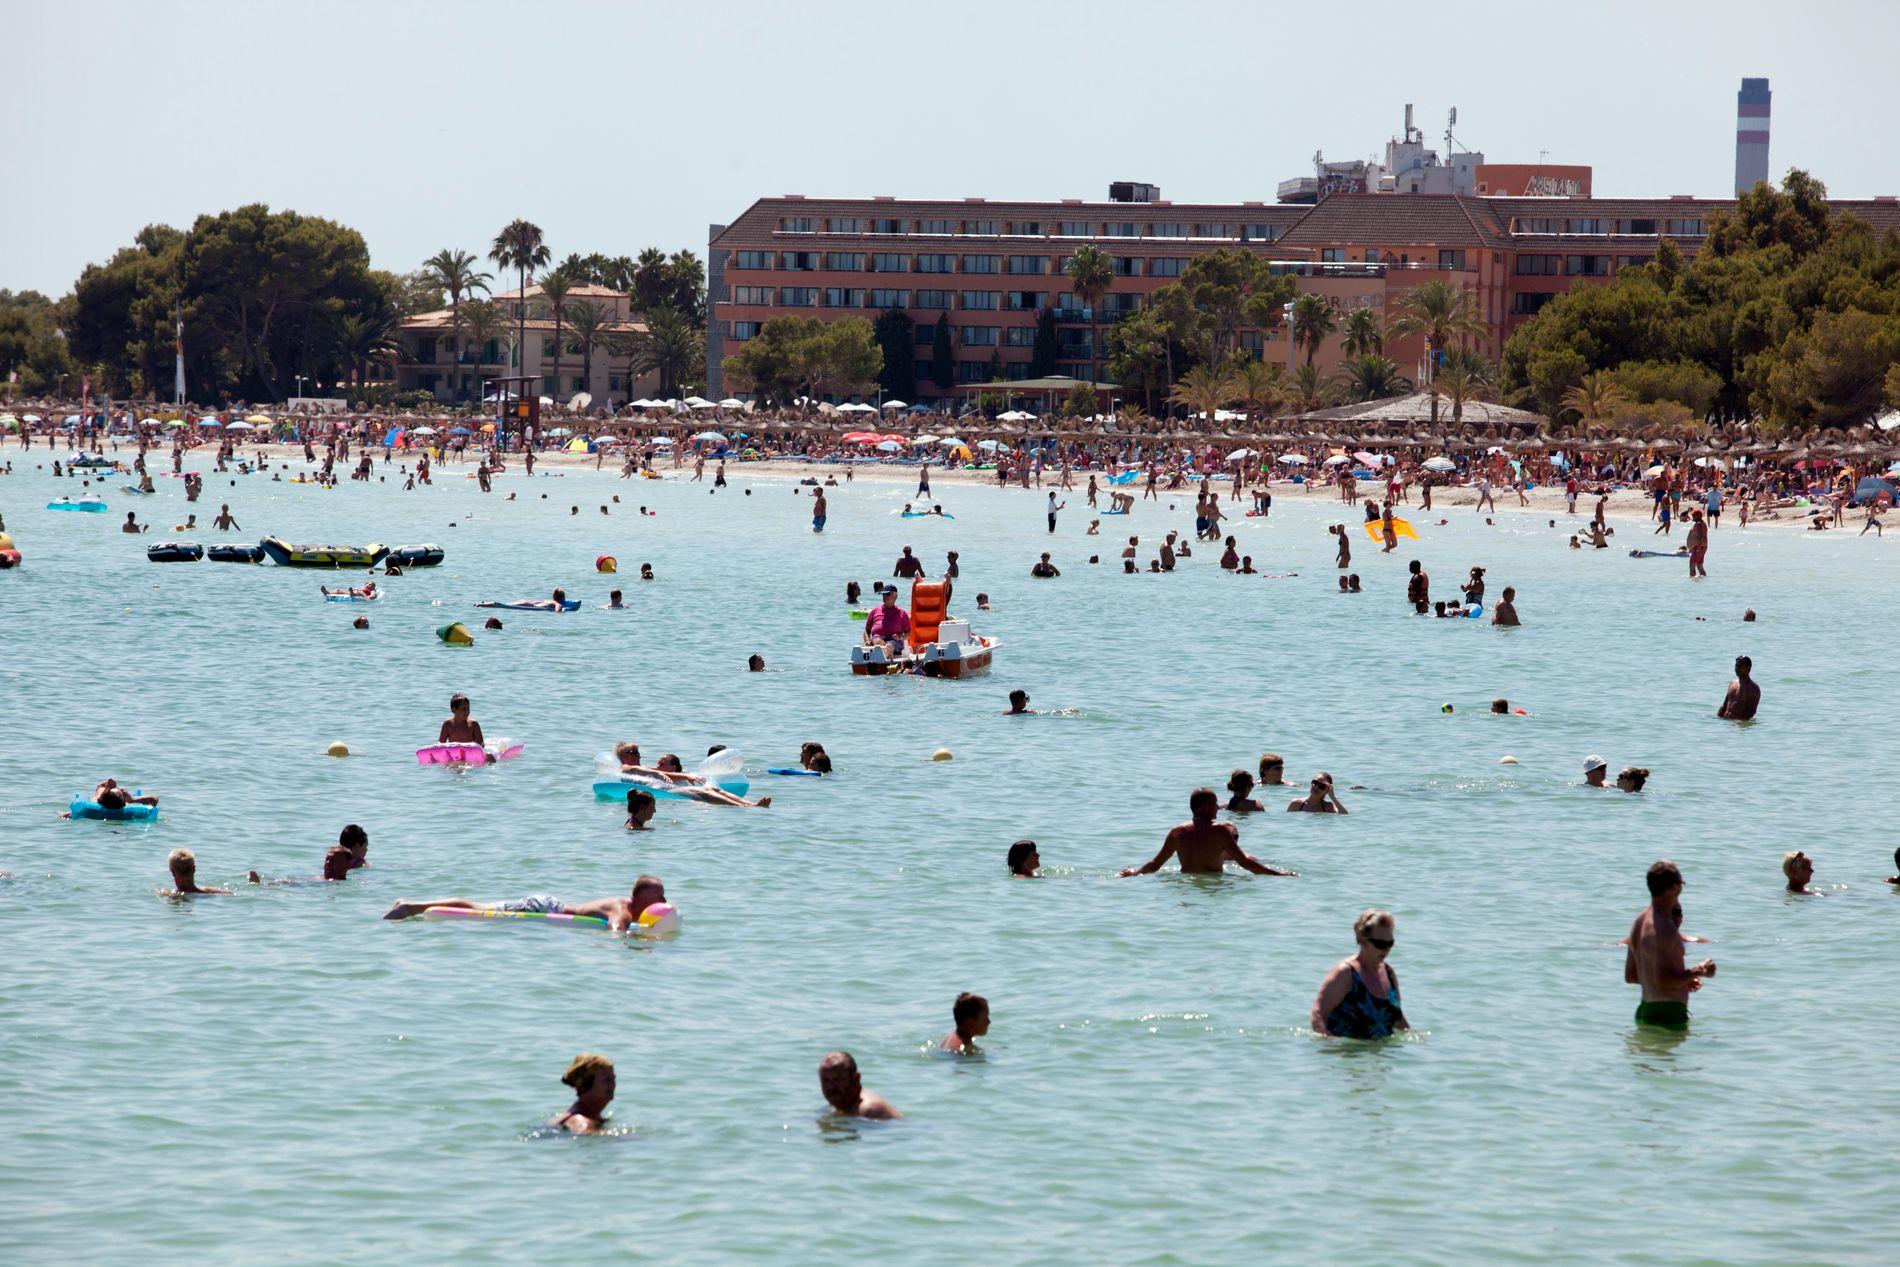 FERIEPARADIS: Tusenvis av nordmenn tar turen til Magaluf hver sommer. Her er bystranda på partystedet, som ligger på sørvestkysten av Mallorca, avbildet i 2013.